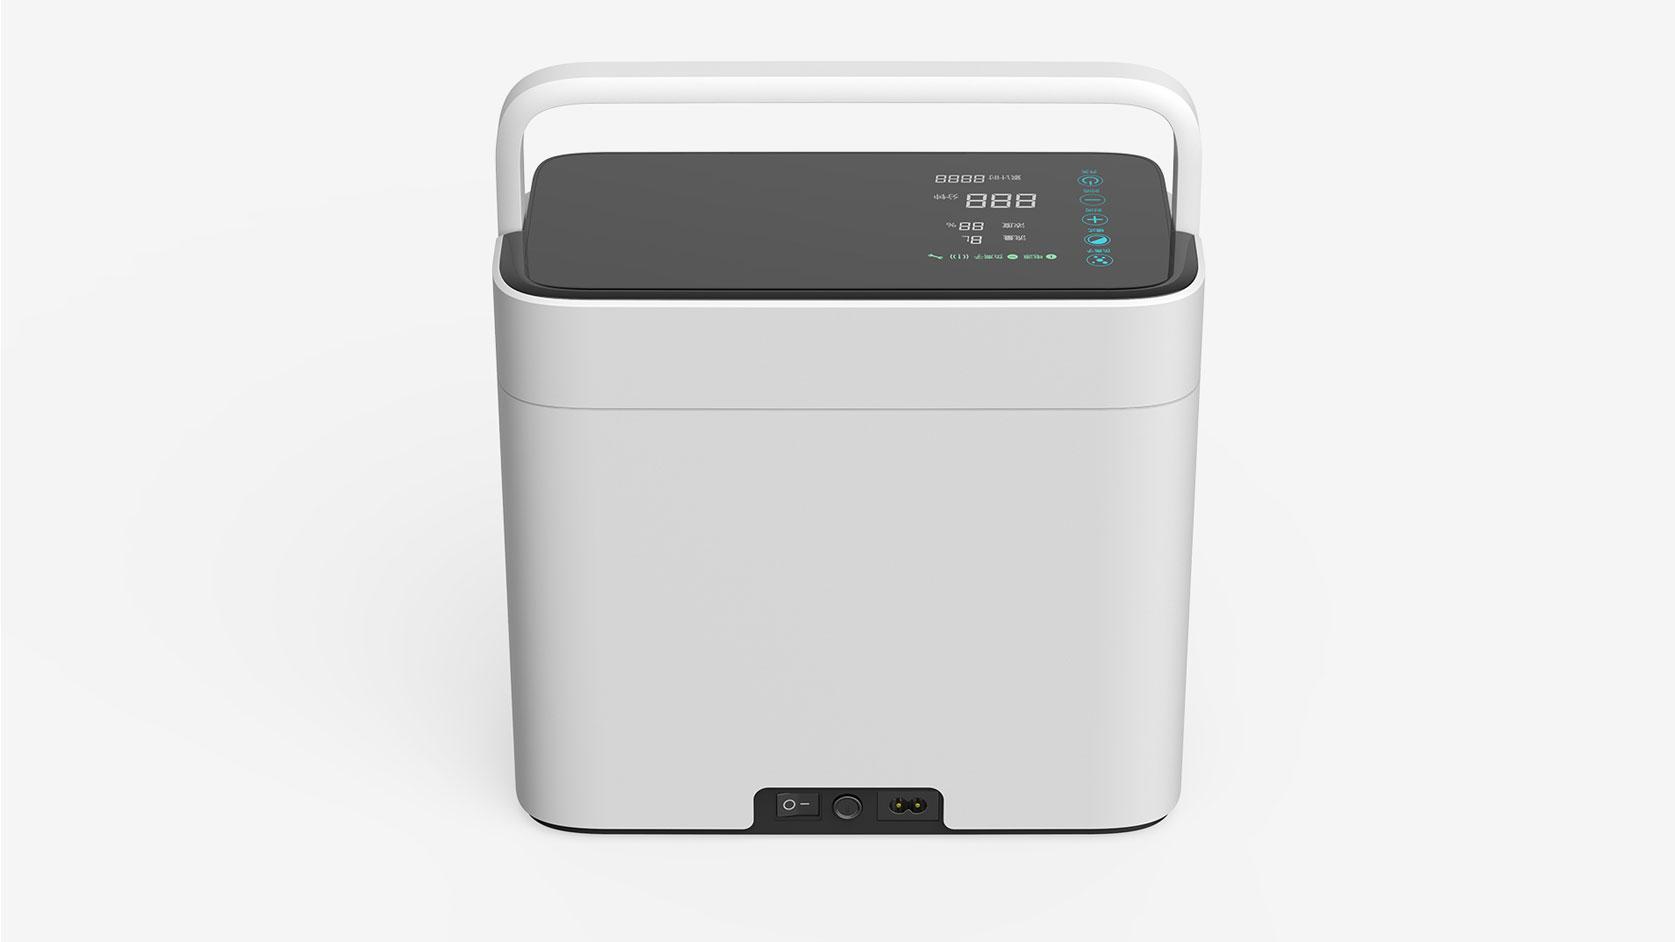 制氧气机设计2.jpg